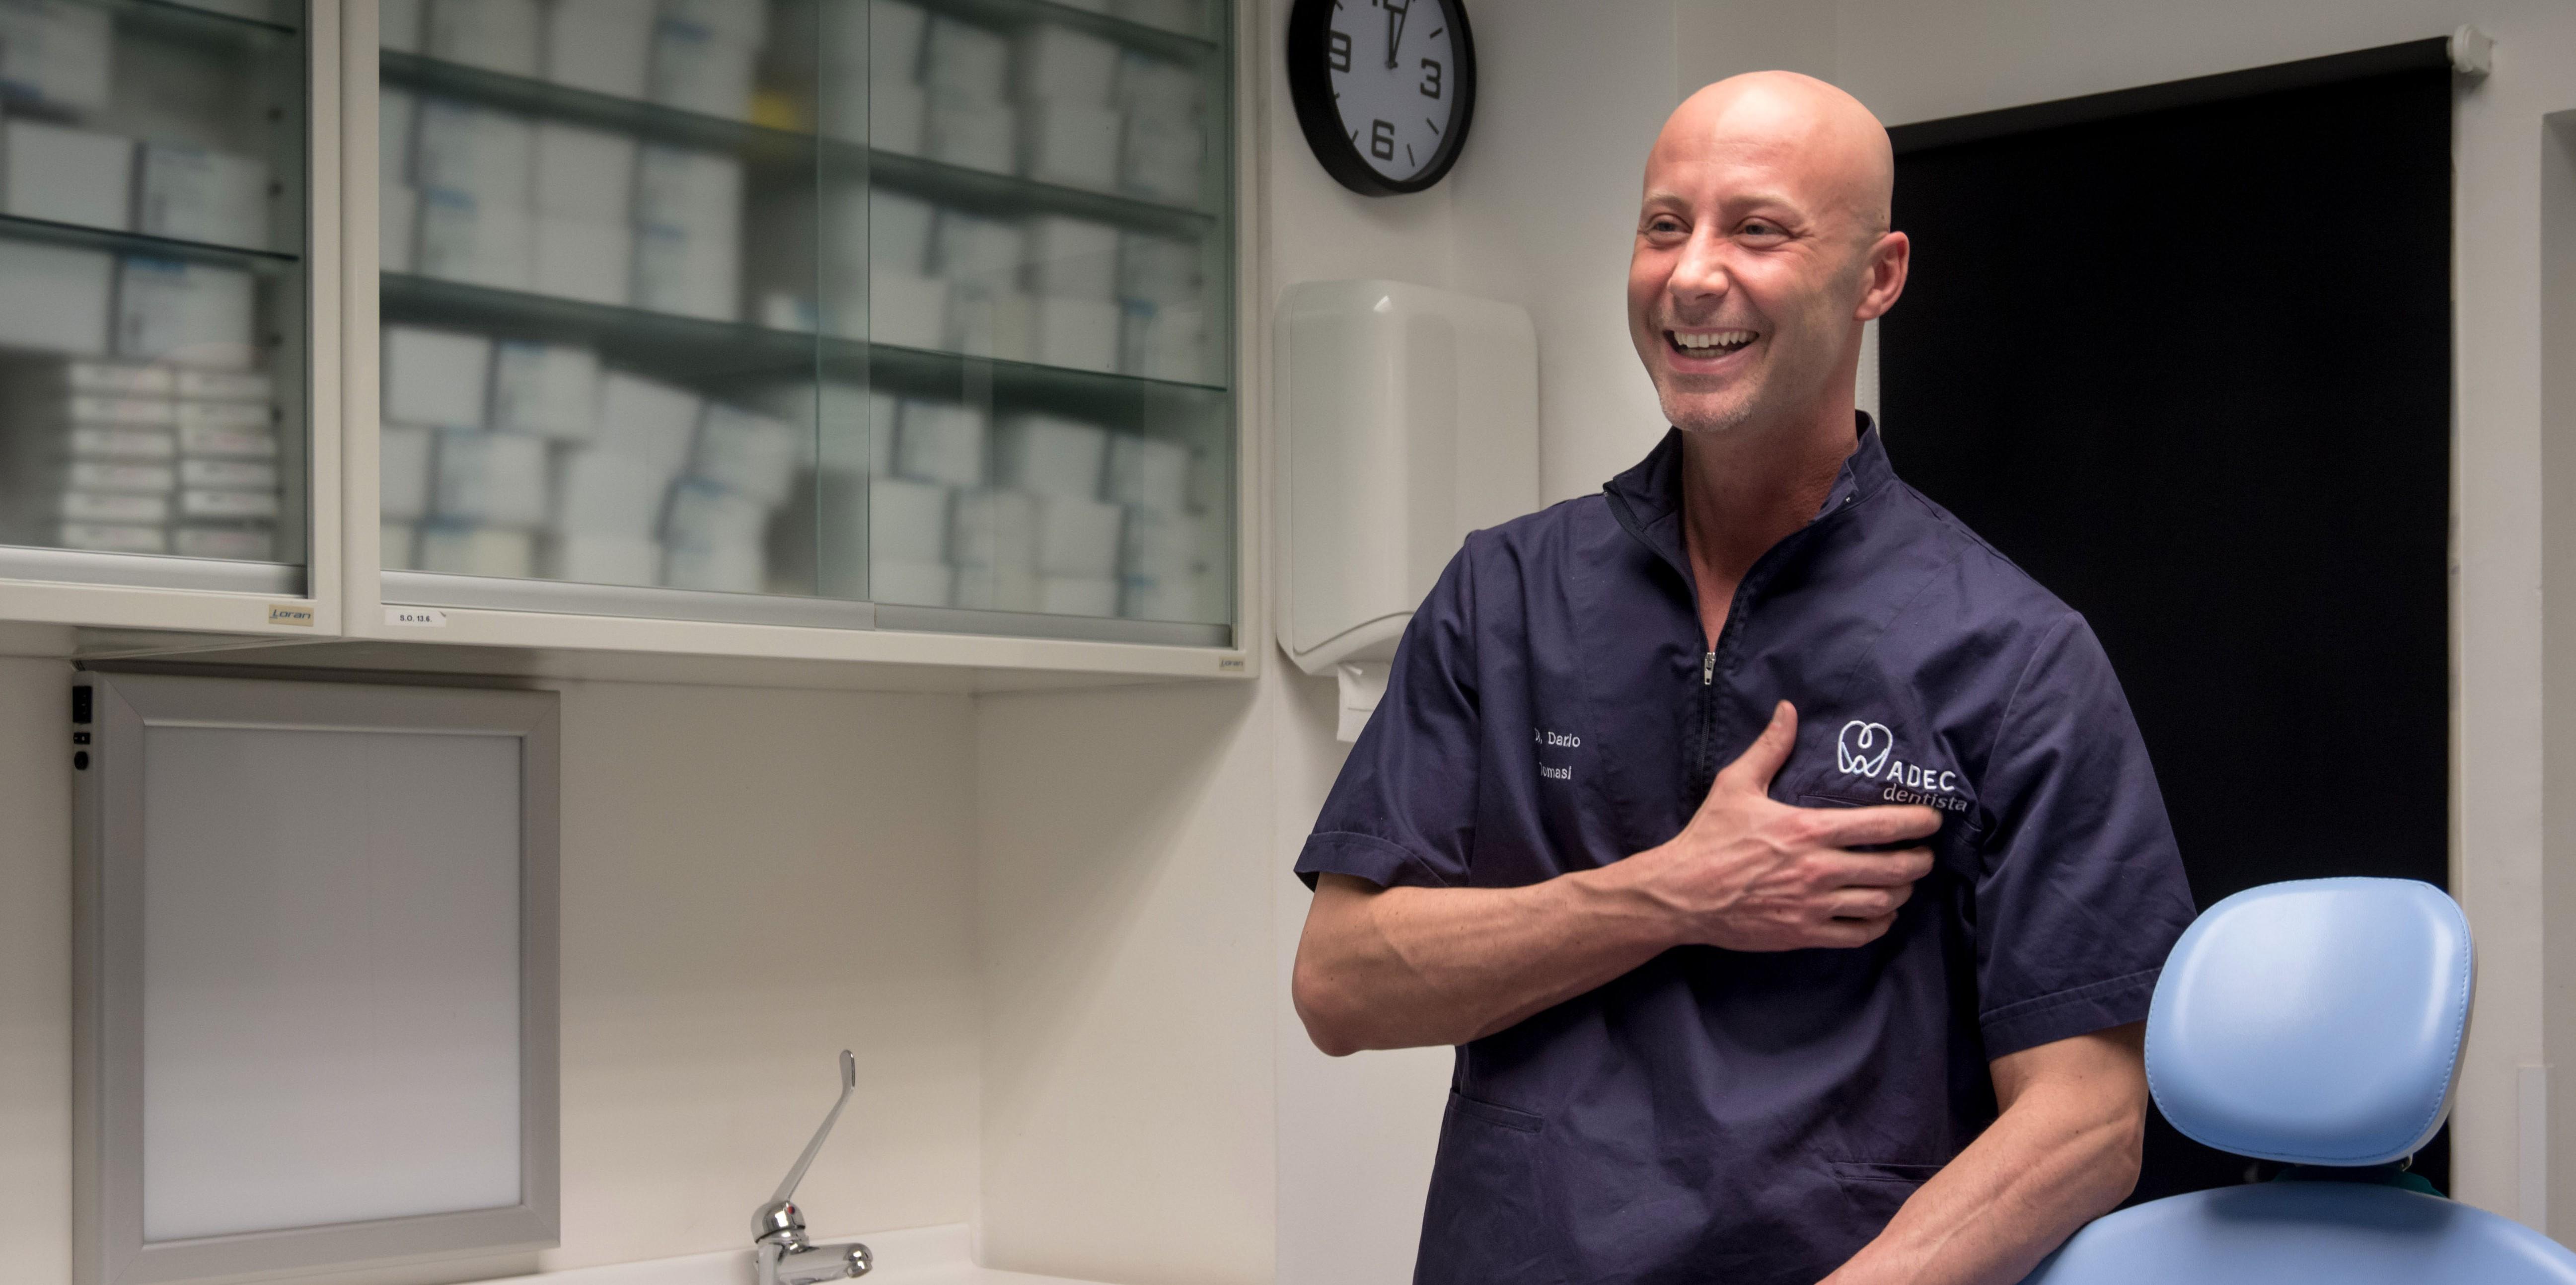 Il Dott. Tomasi, il nostro specialista in endodonzia complessa, con il microscopio operatorio